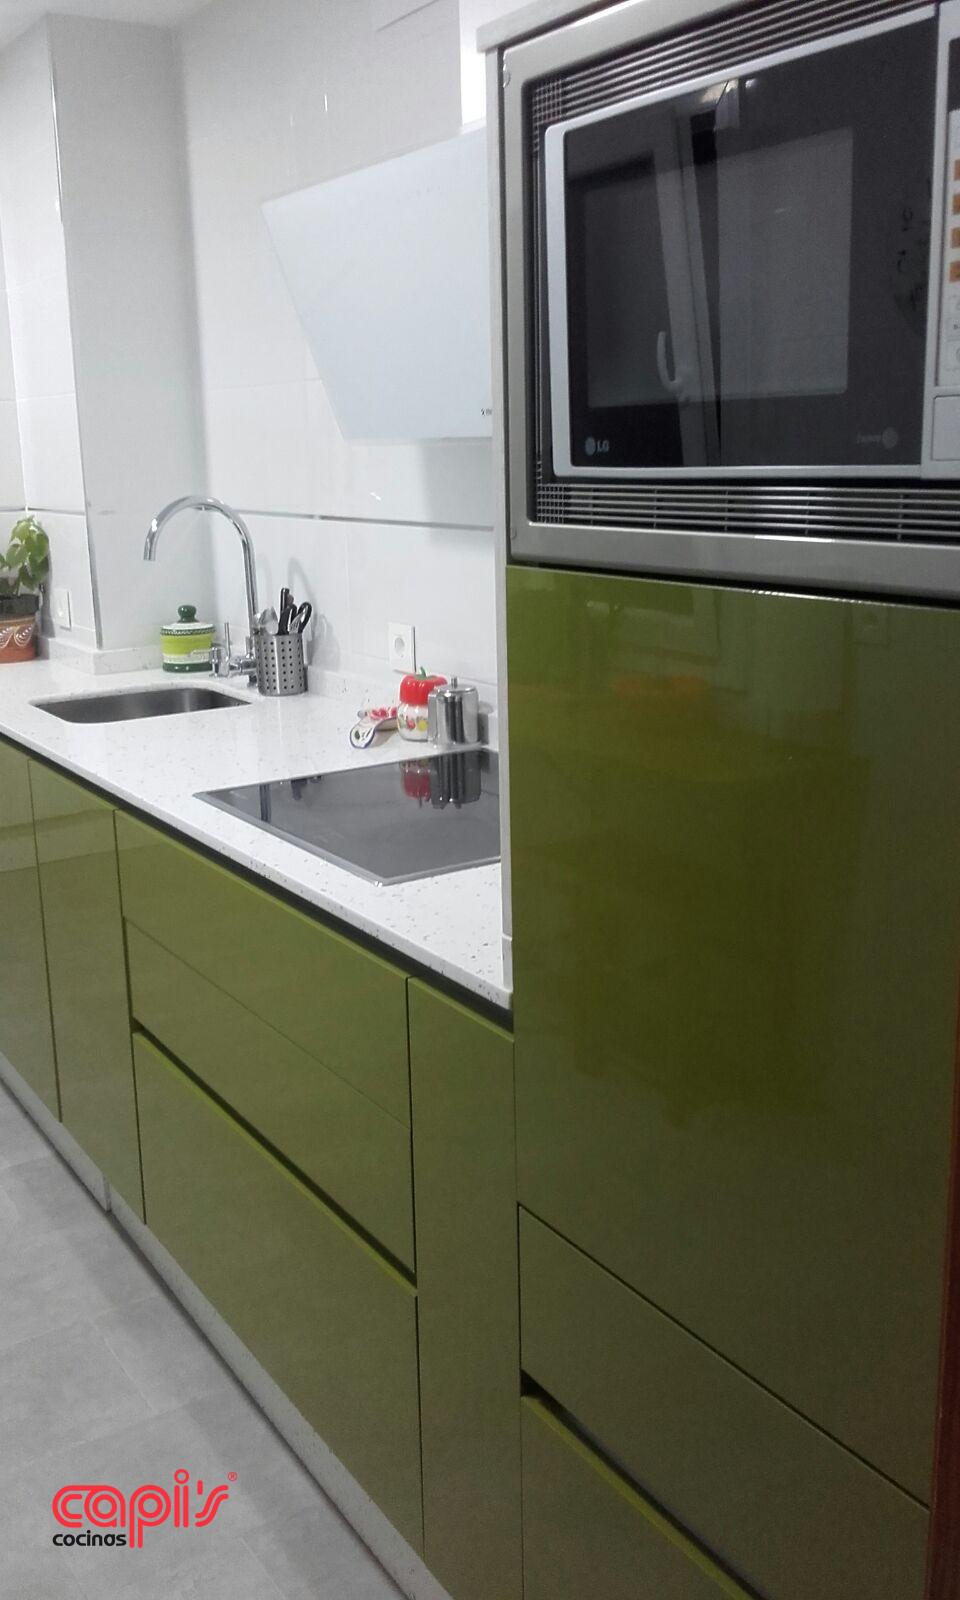 Cocina verde y pizarra cocinas capis dise o y - Cocinas en huelva ...